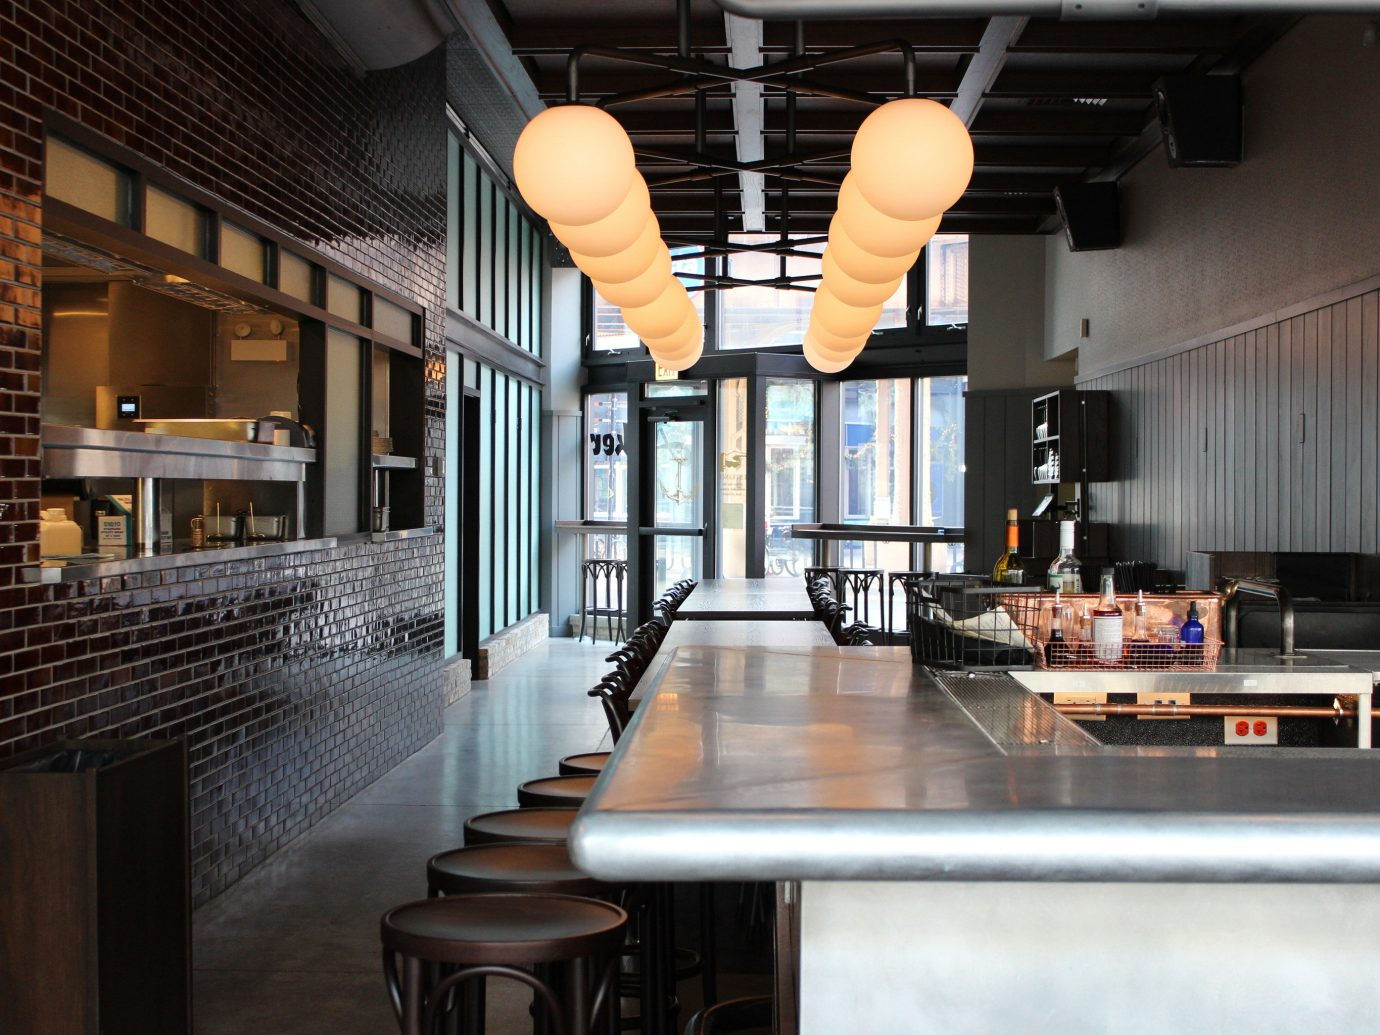 Food + Drink indoor ceiling room property floor interior design home lighting estate Bar restaurant Kitchen Design living room loft Lobby furniture